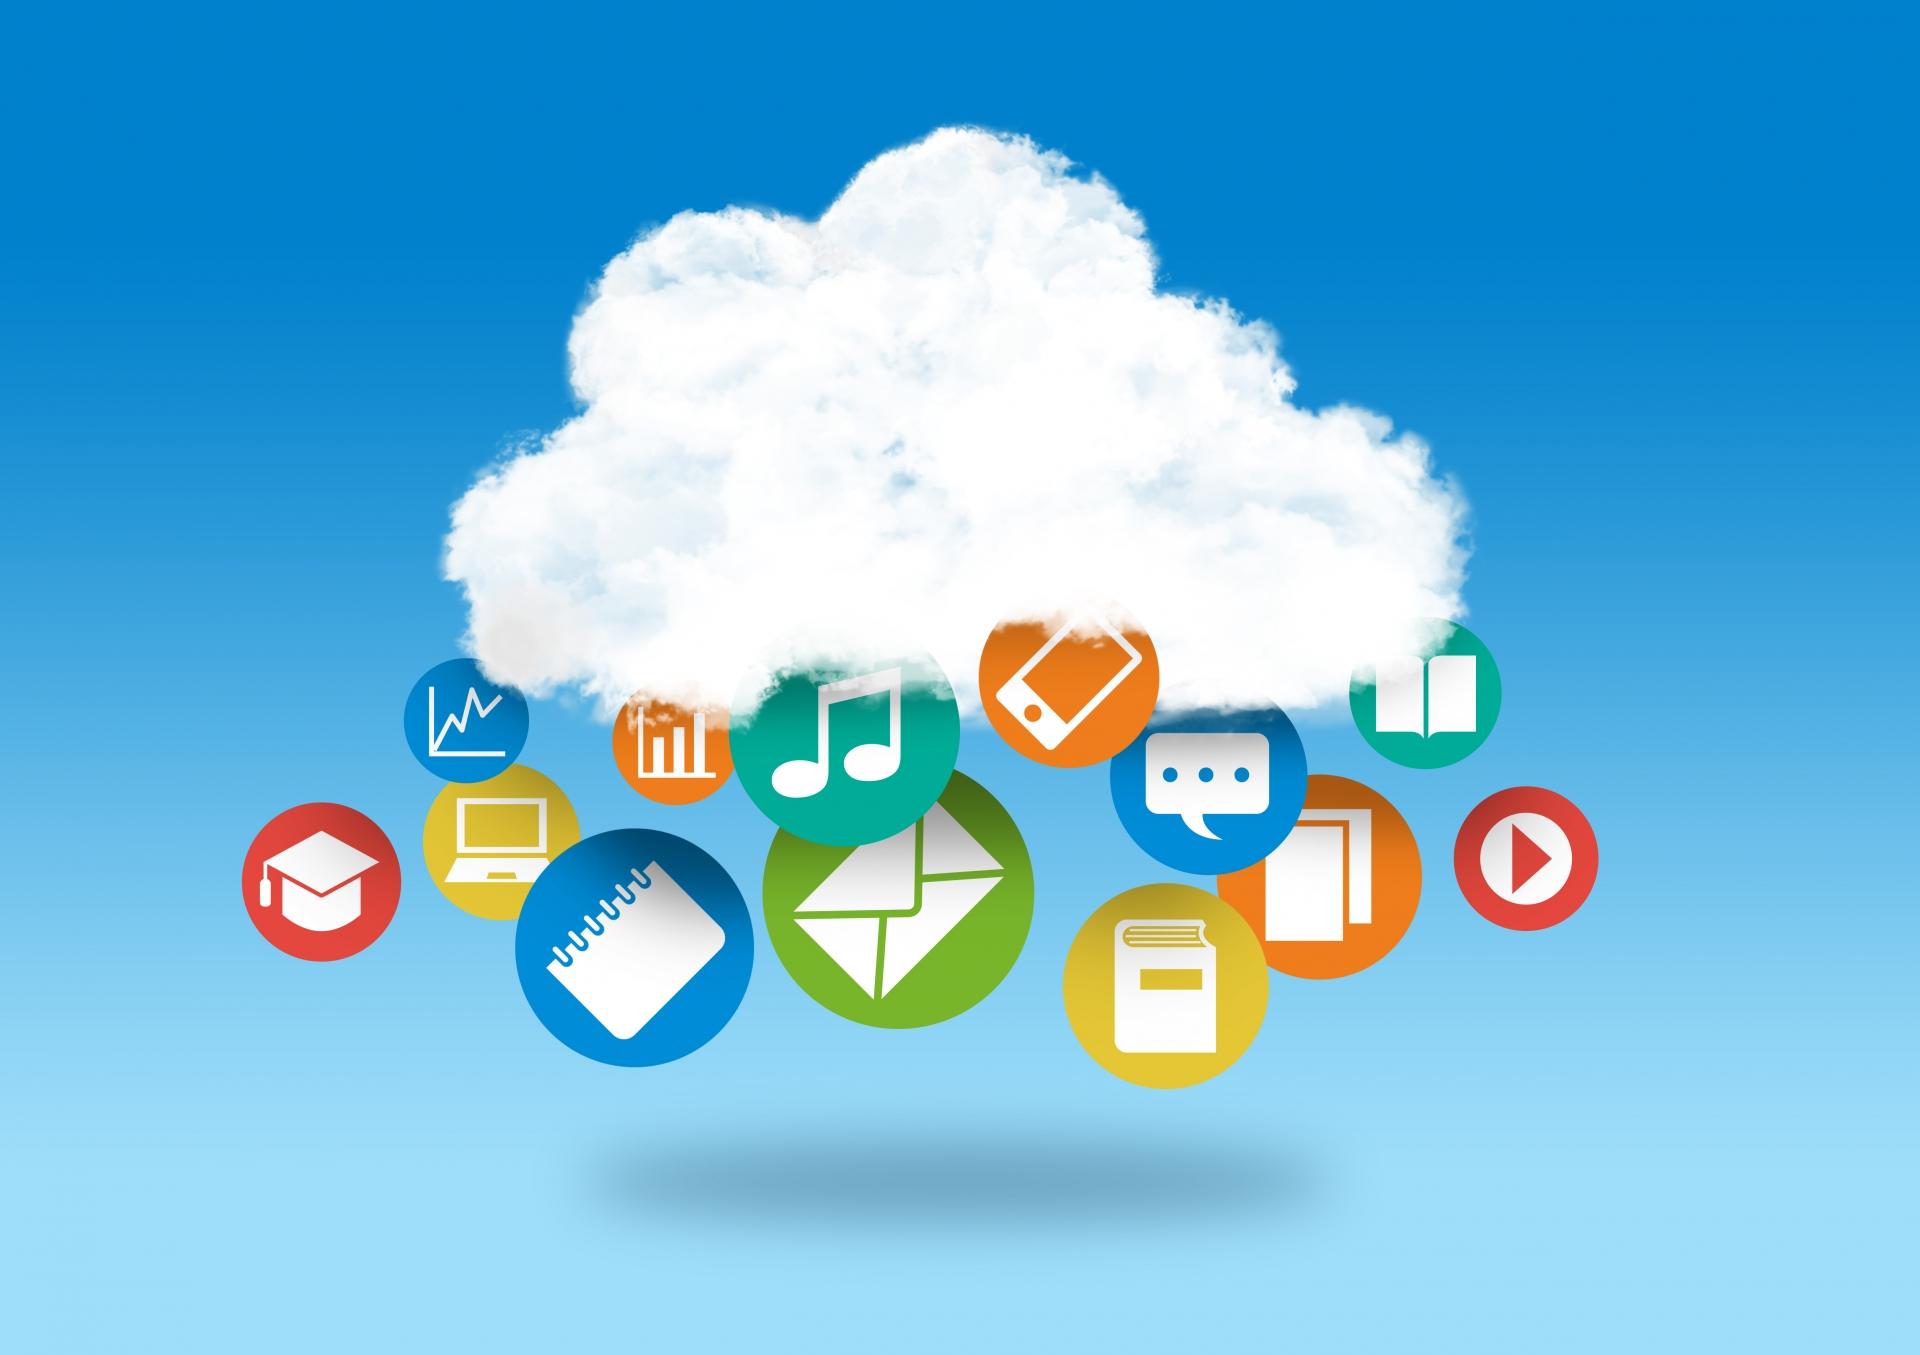 インターネット技術やAI技術が進むこれからの時代に対応できていますか?